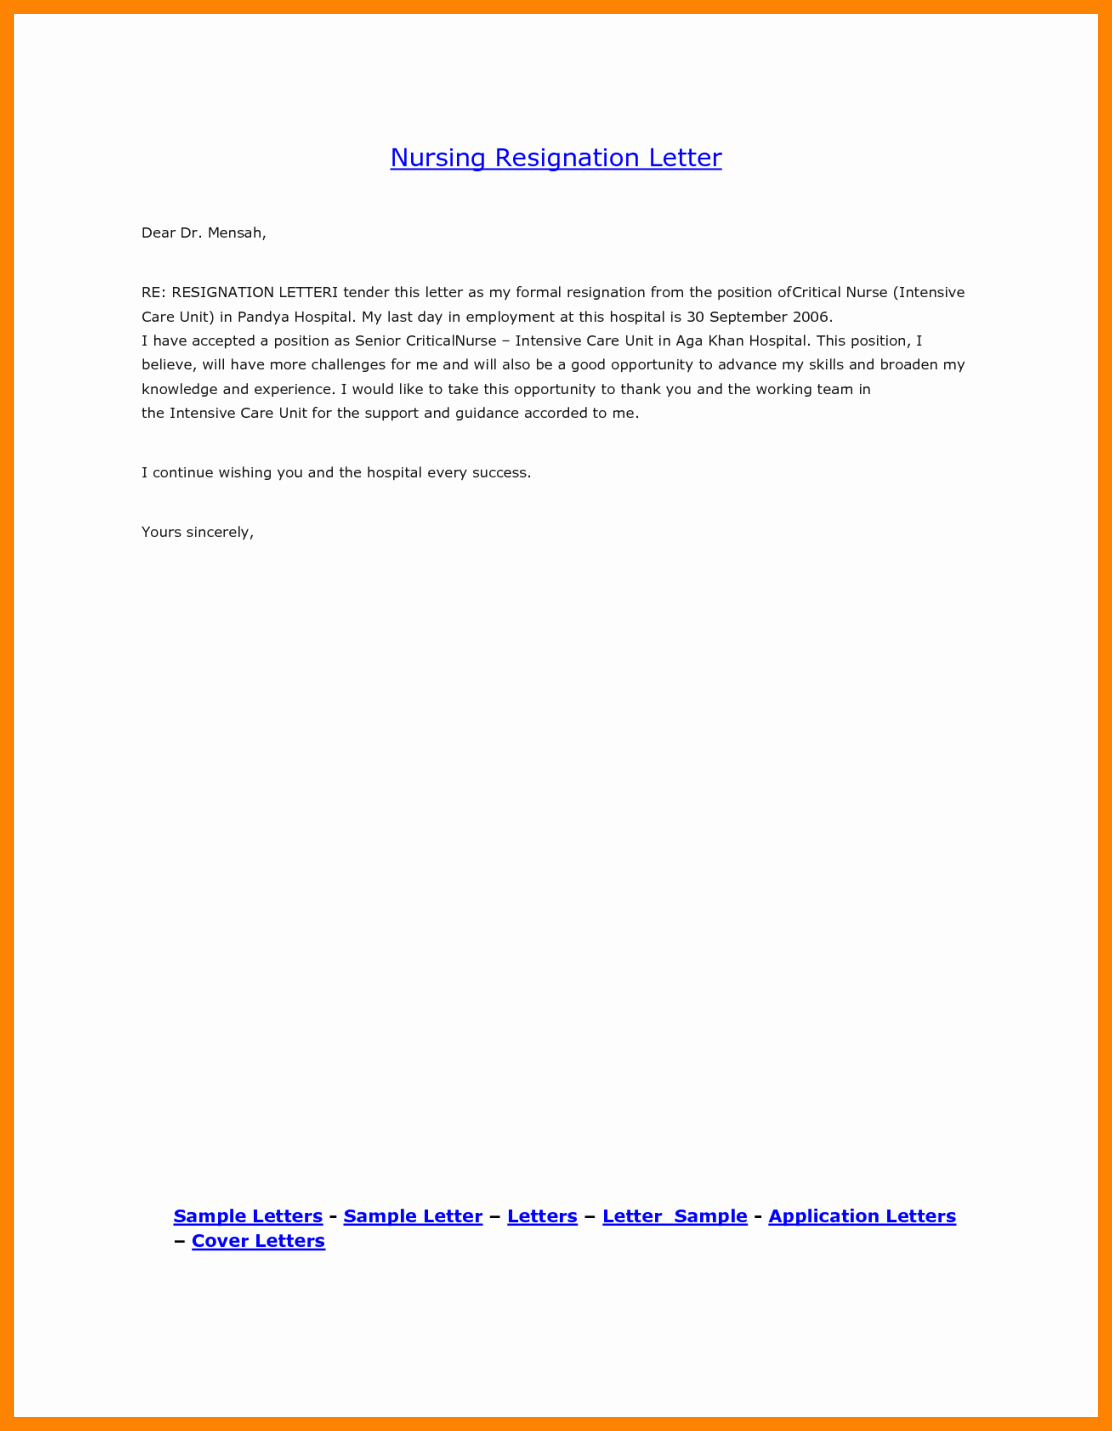 Nurses Letter Of Resignation Fresh 8 Registered Nurse Resignation Letter Sample